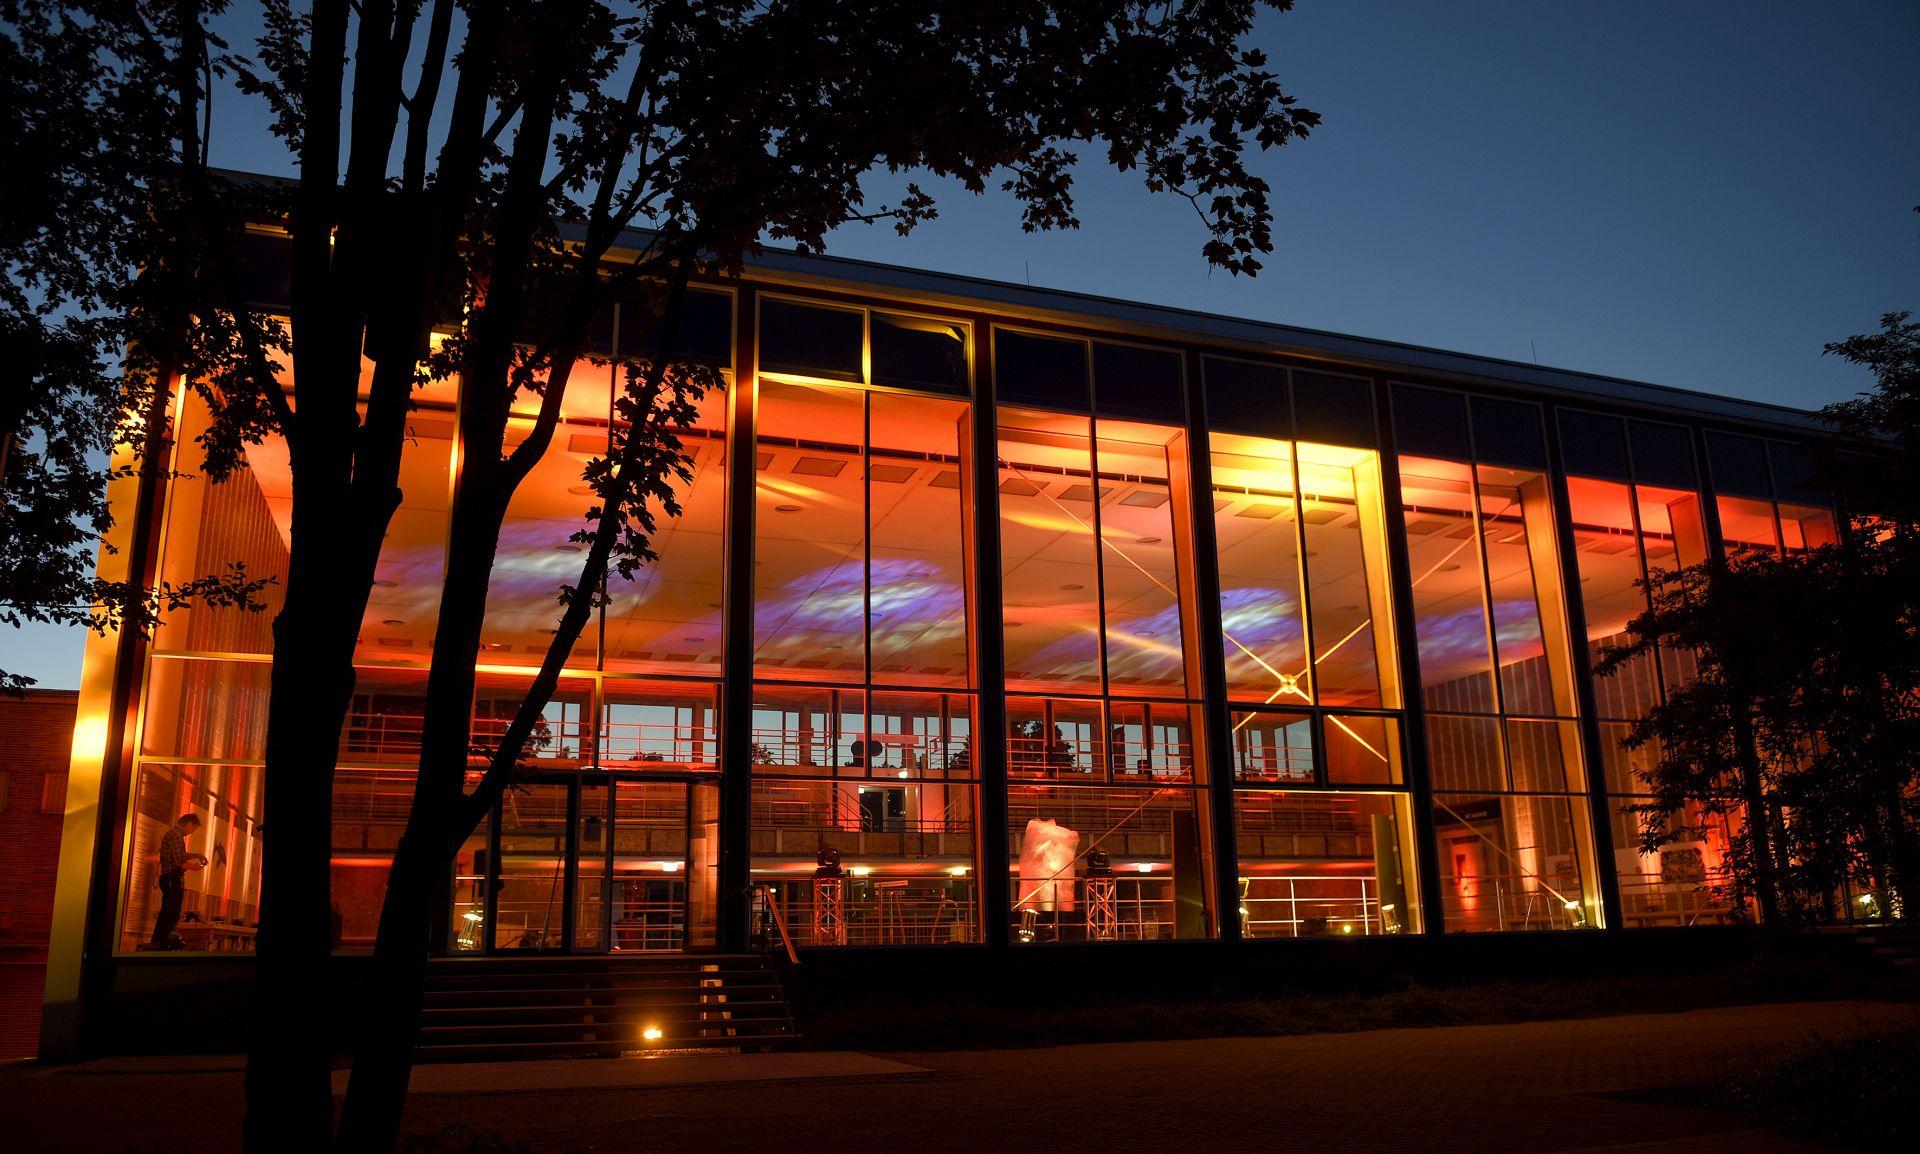 Denkmal Fassade Hallenbad Night of Light